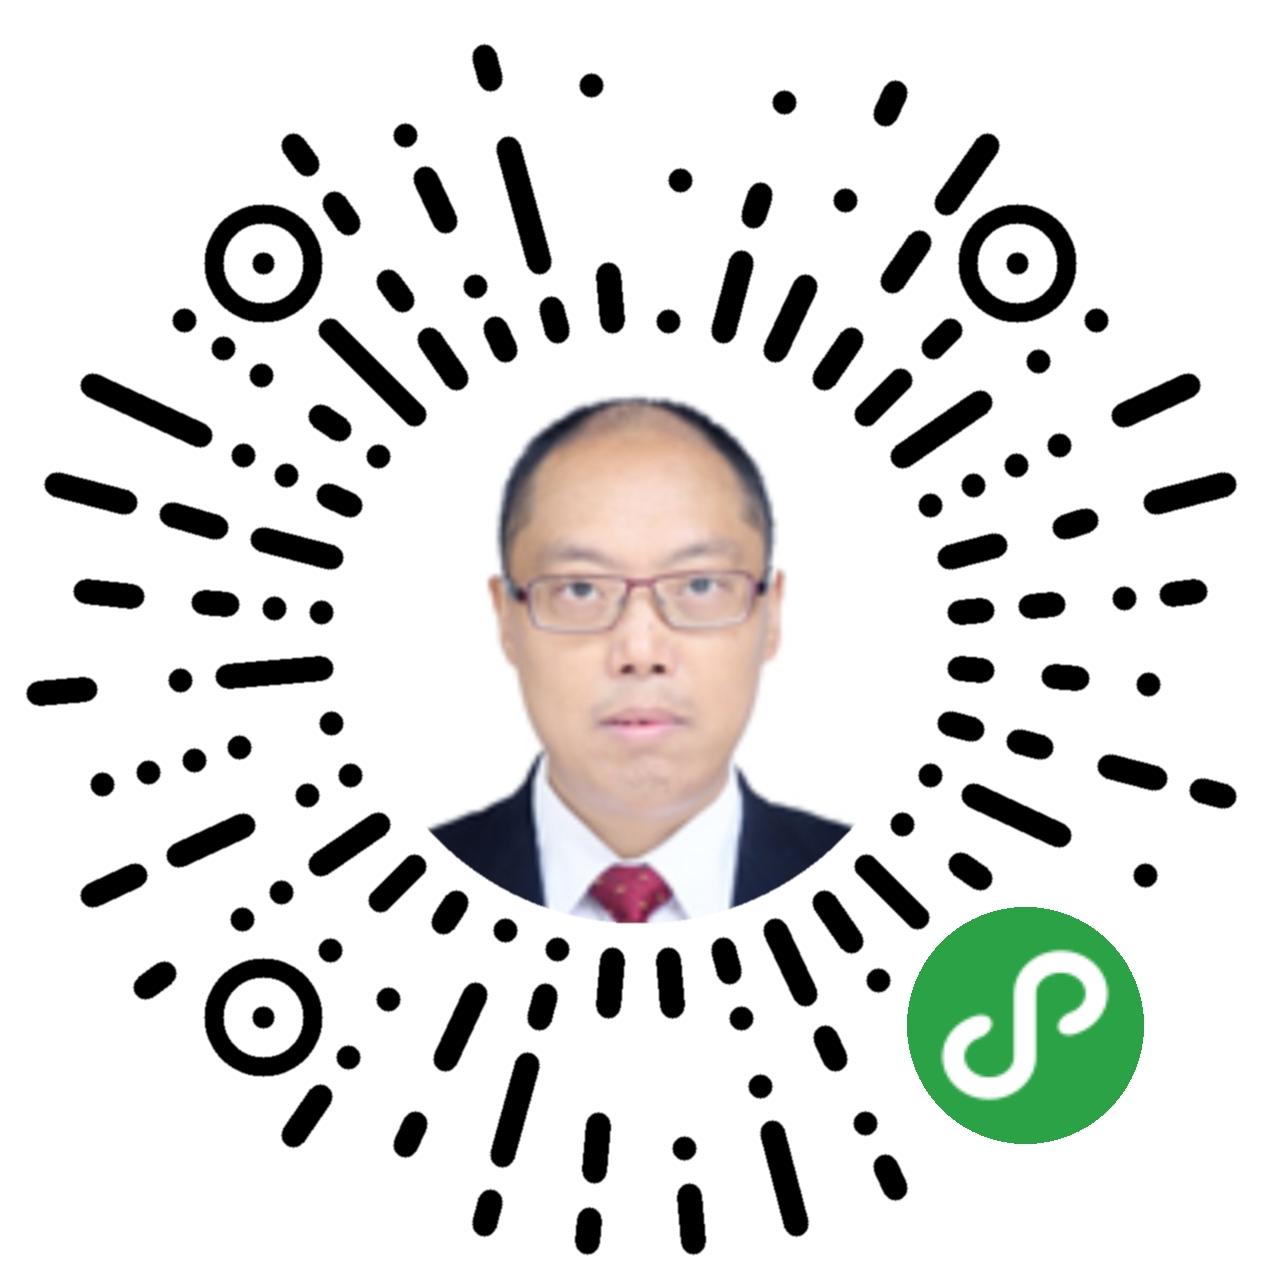 四川成都民商律师李祝辉二维码